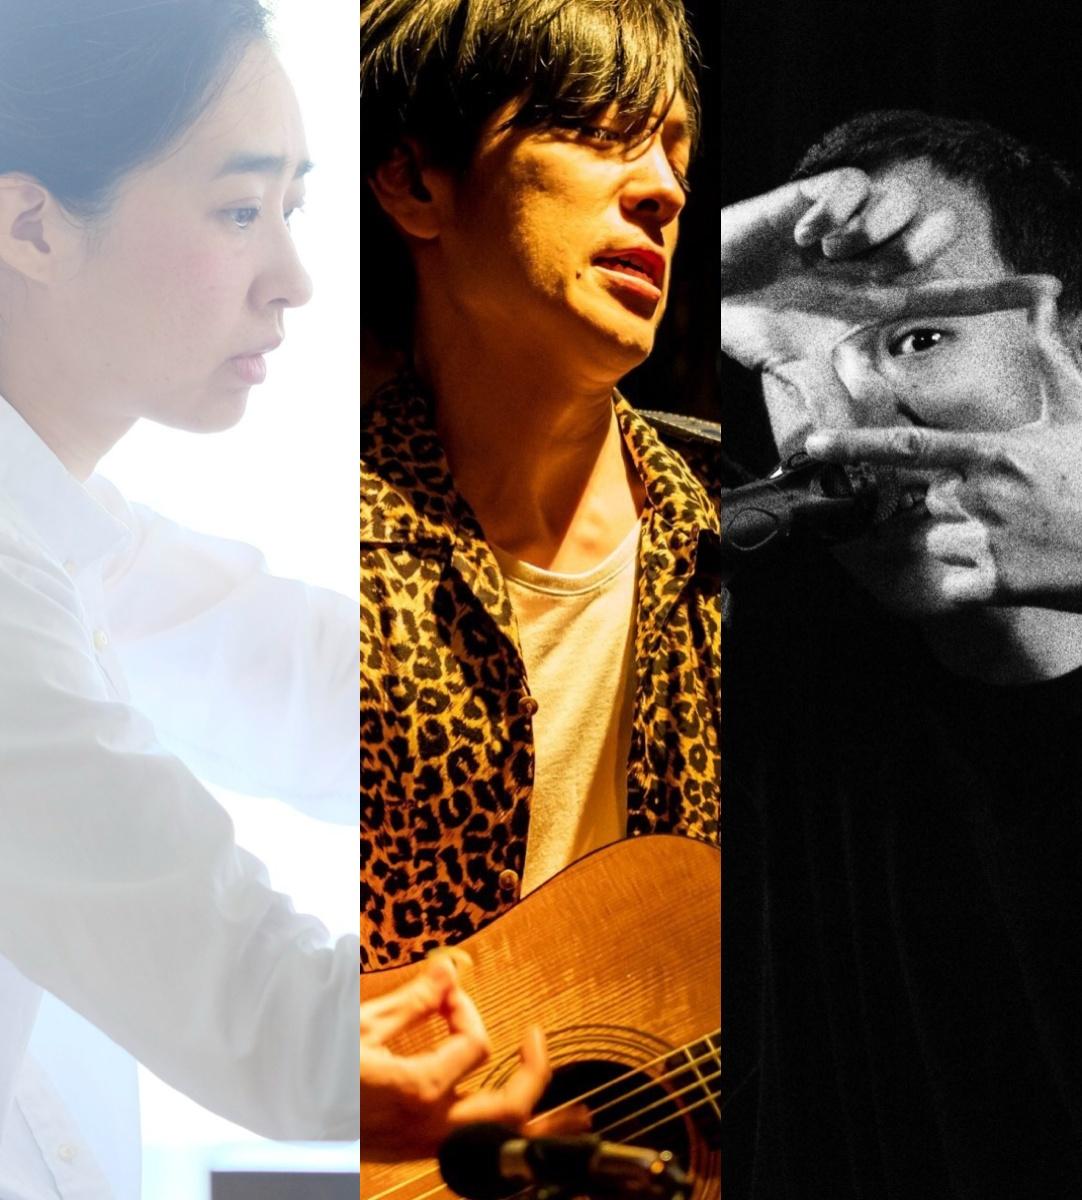 『月に手を伸ばせ 〜even if we can't〜』出演:島崎智子 / 松浦健太 / 藤原歩